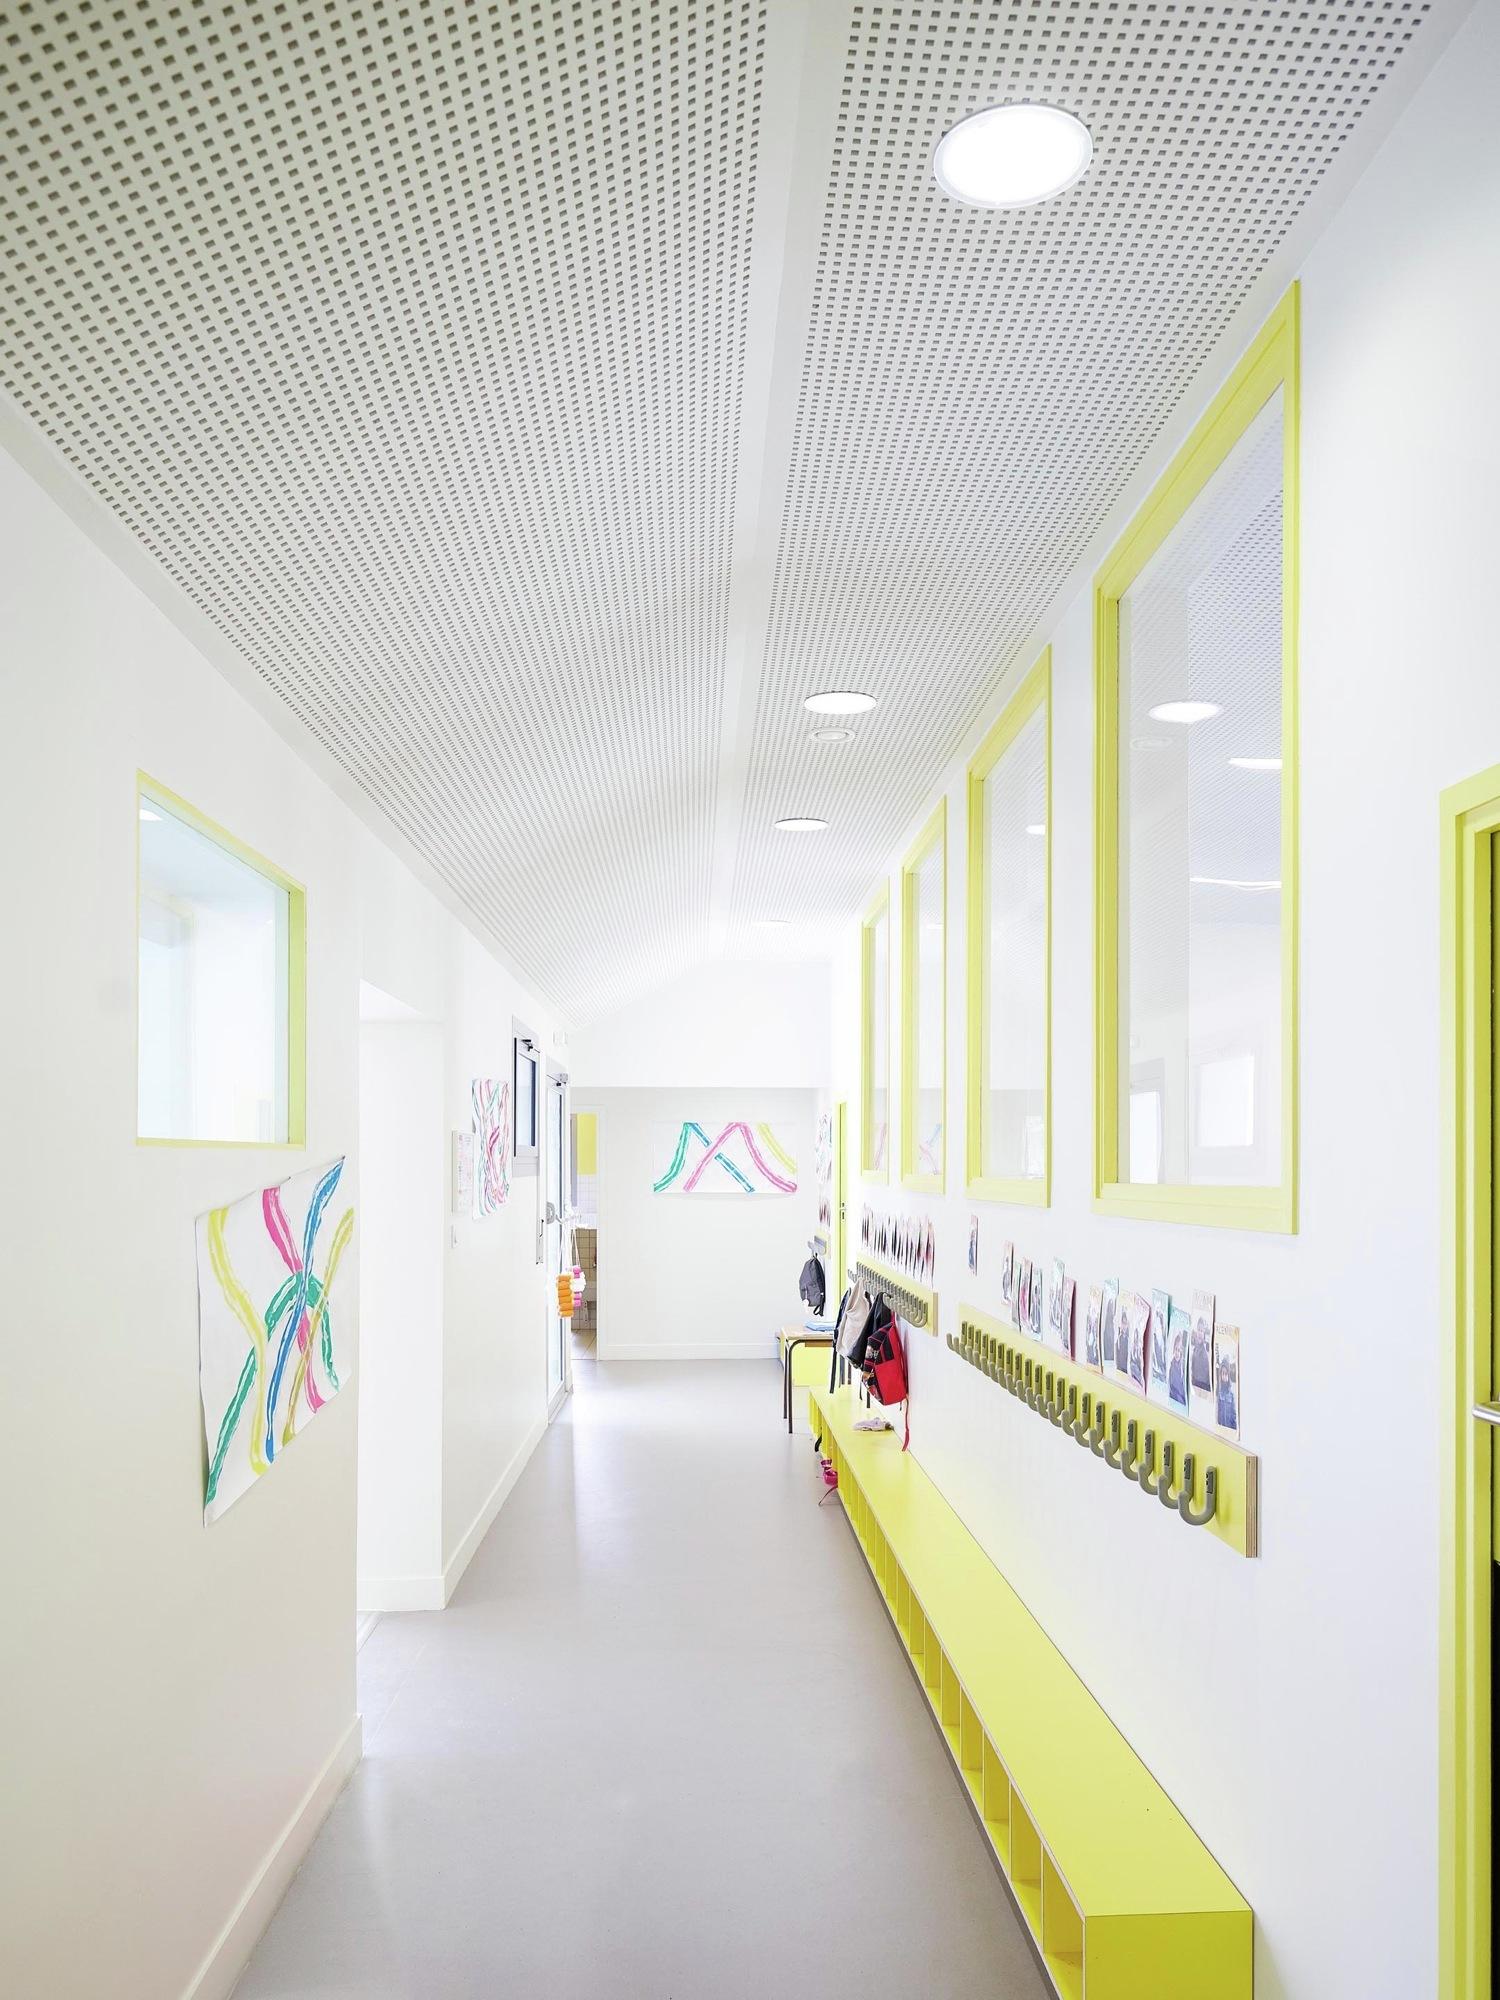 Galer a de extensi n escuela infantil graal architecture for Piscine mantes la ville